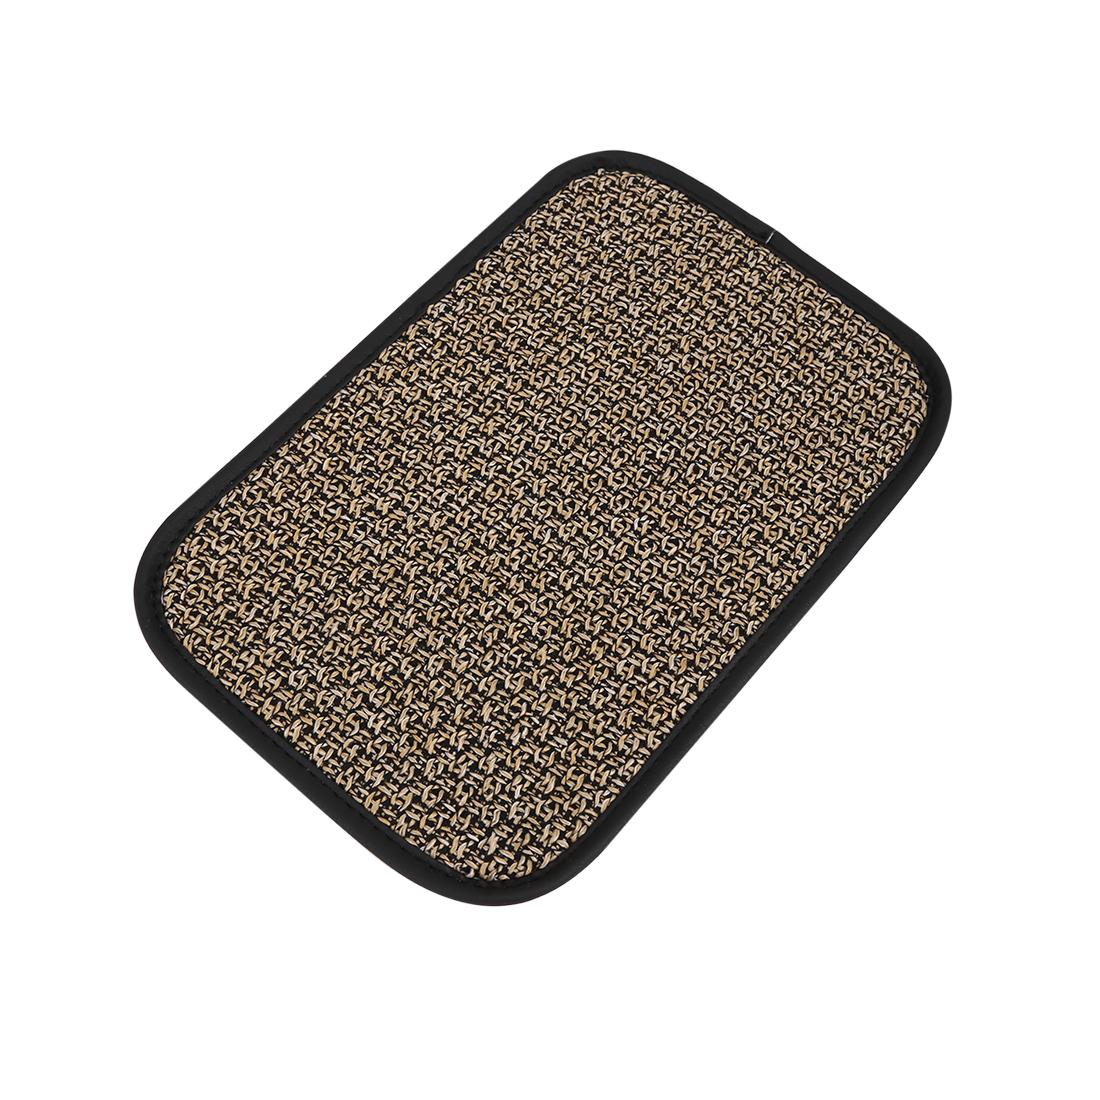 Universal Car Auto Center Console Lid Armrest Linen Cover Pad Beige